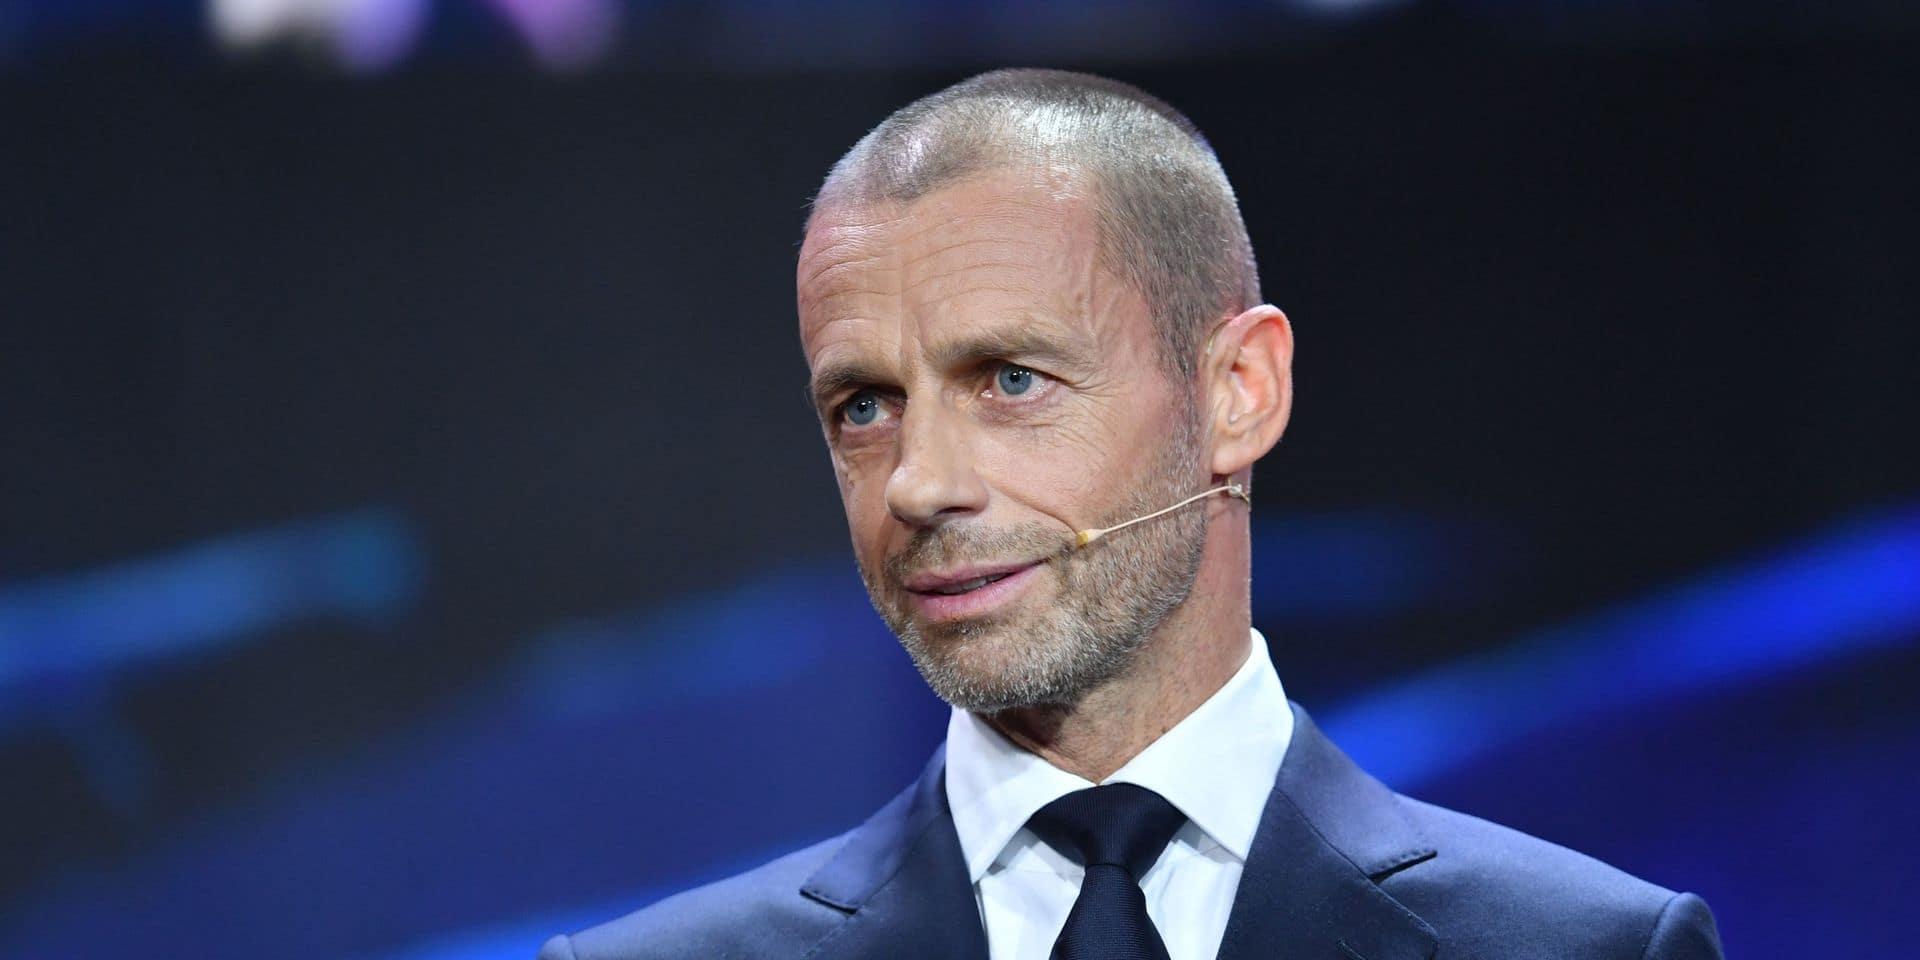 Le président de l'UEFA se veut optimiste et prédit que l'Euro de cet été se jouera devant des spectateurs